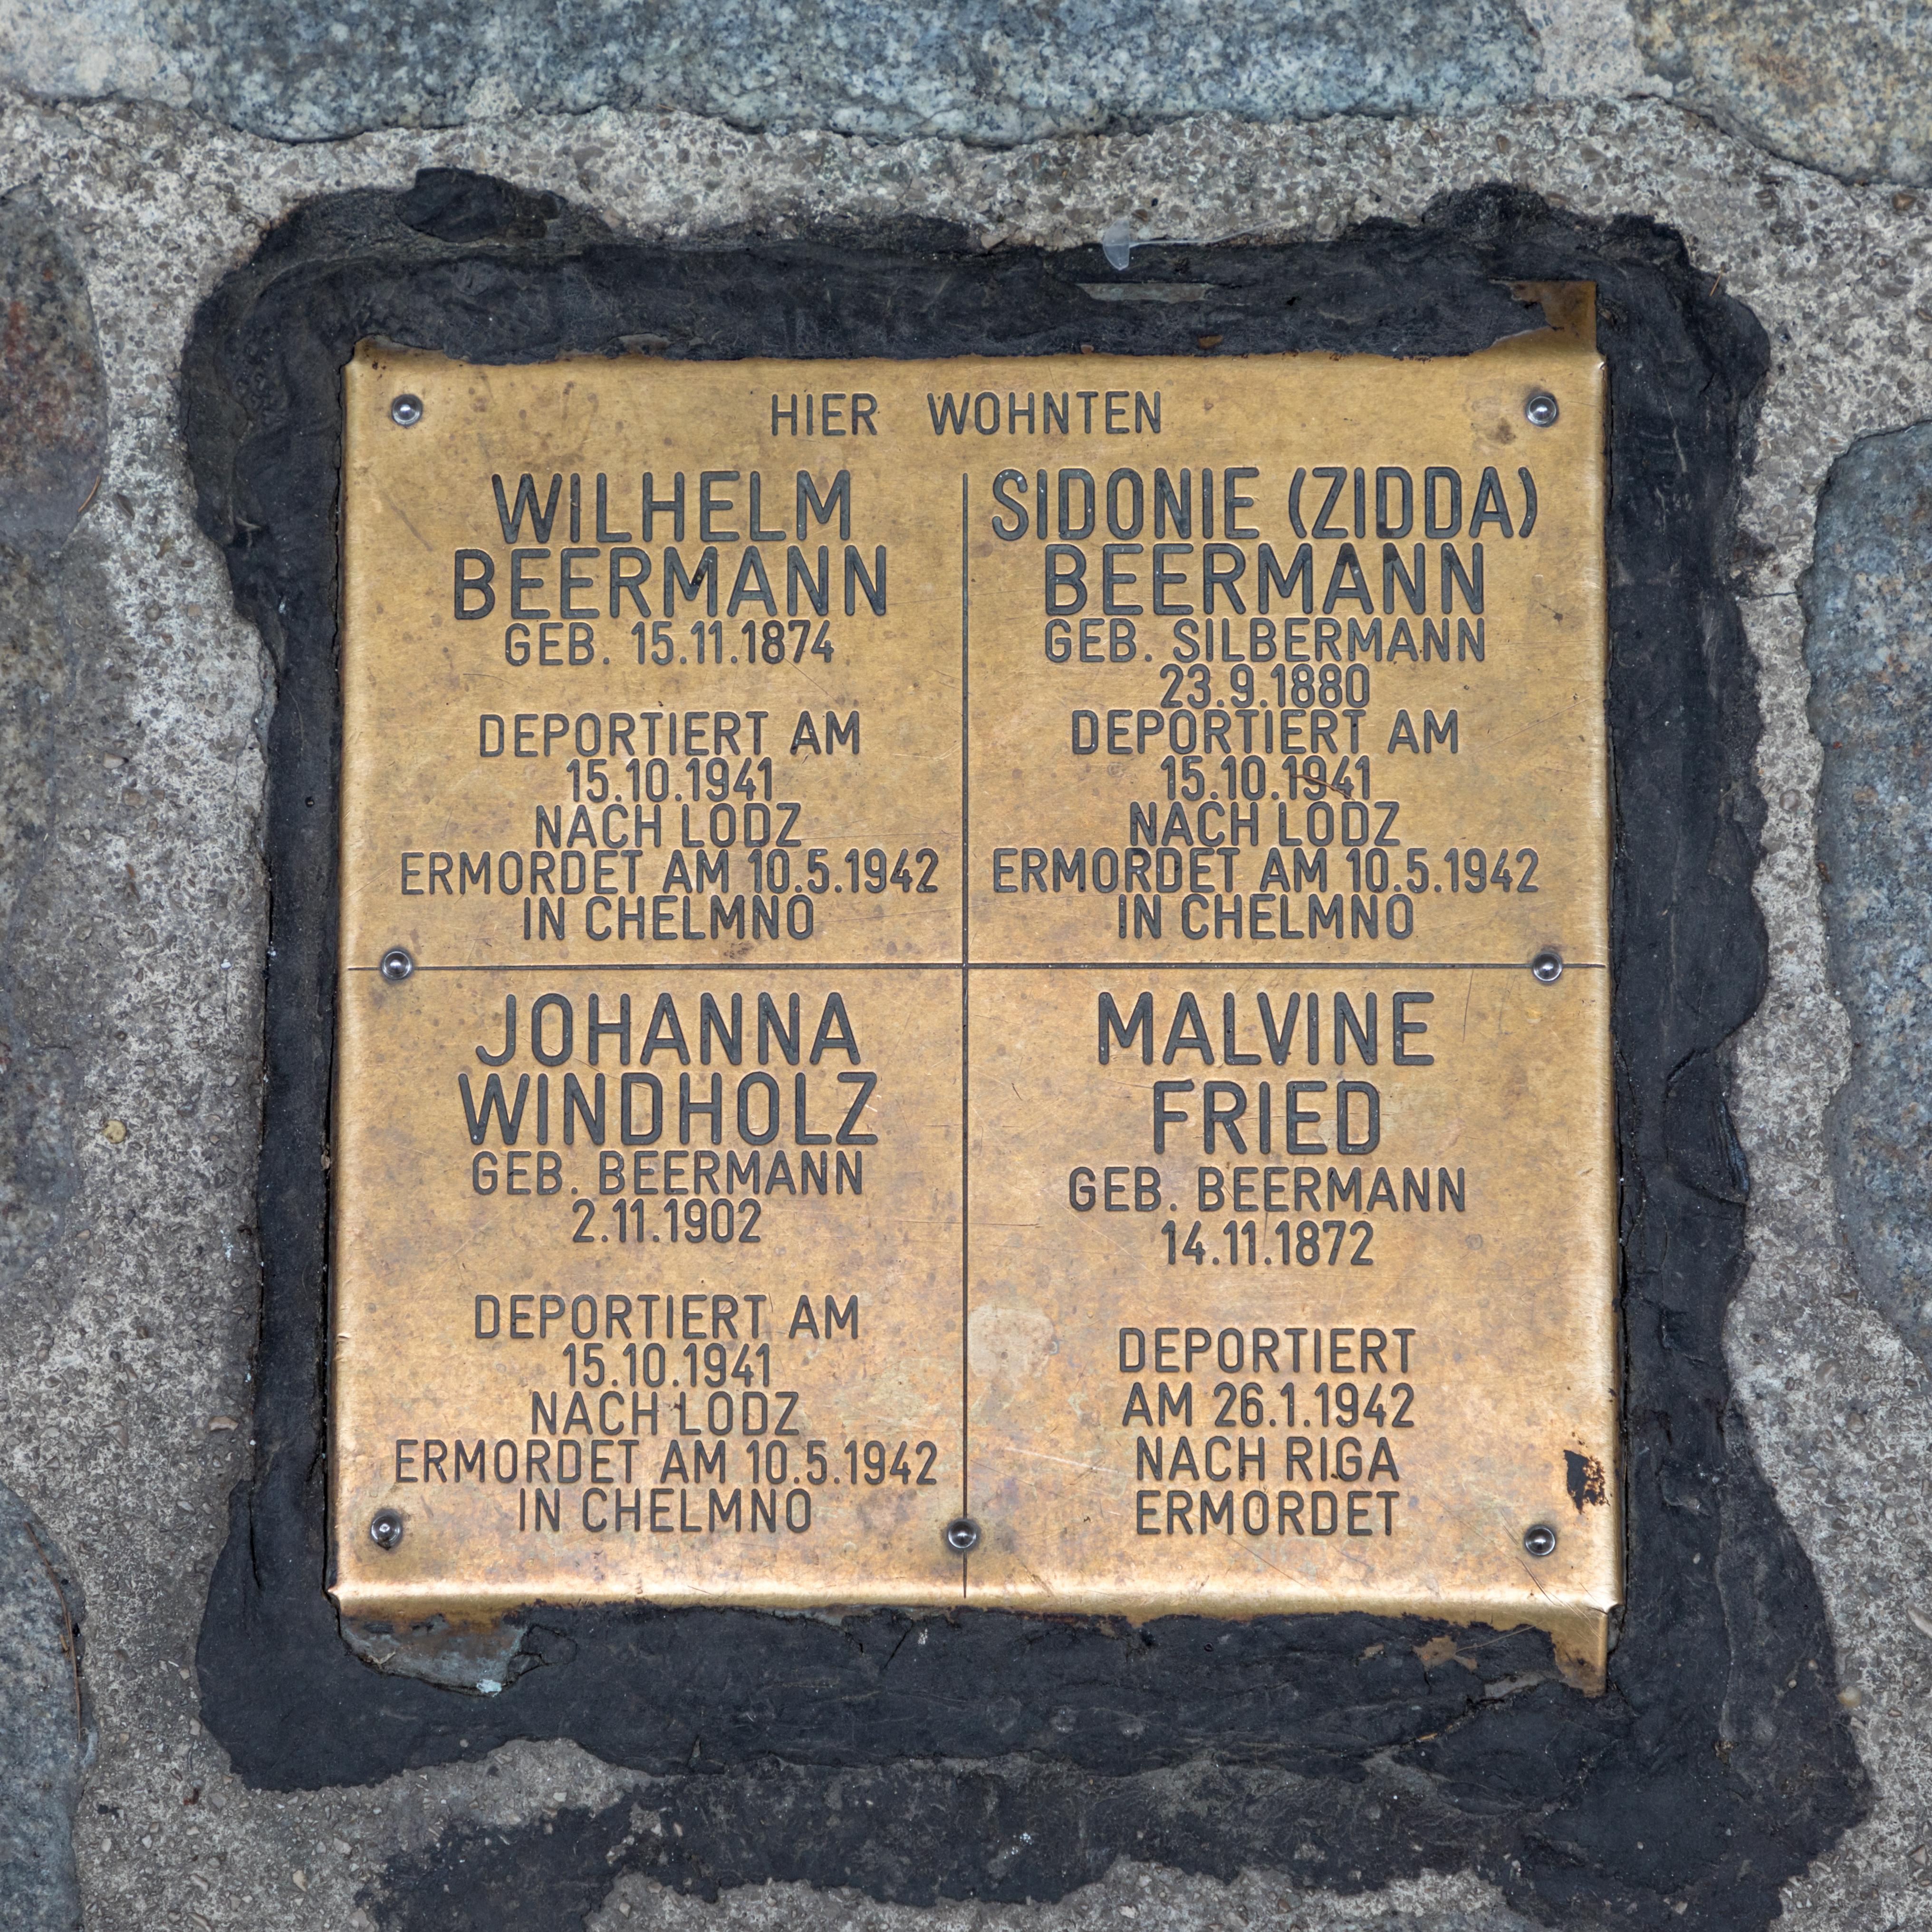 Erinnerungsstein Beermann/Fried, Vienna, Austria (2018) German Wien, Österreich (2018) object has role: photographer World Heritage Site ID: 1033 refine date: 14:30